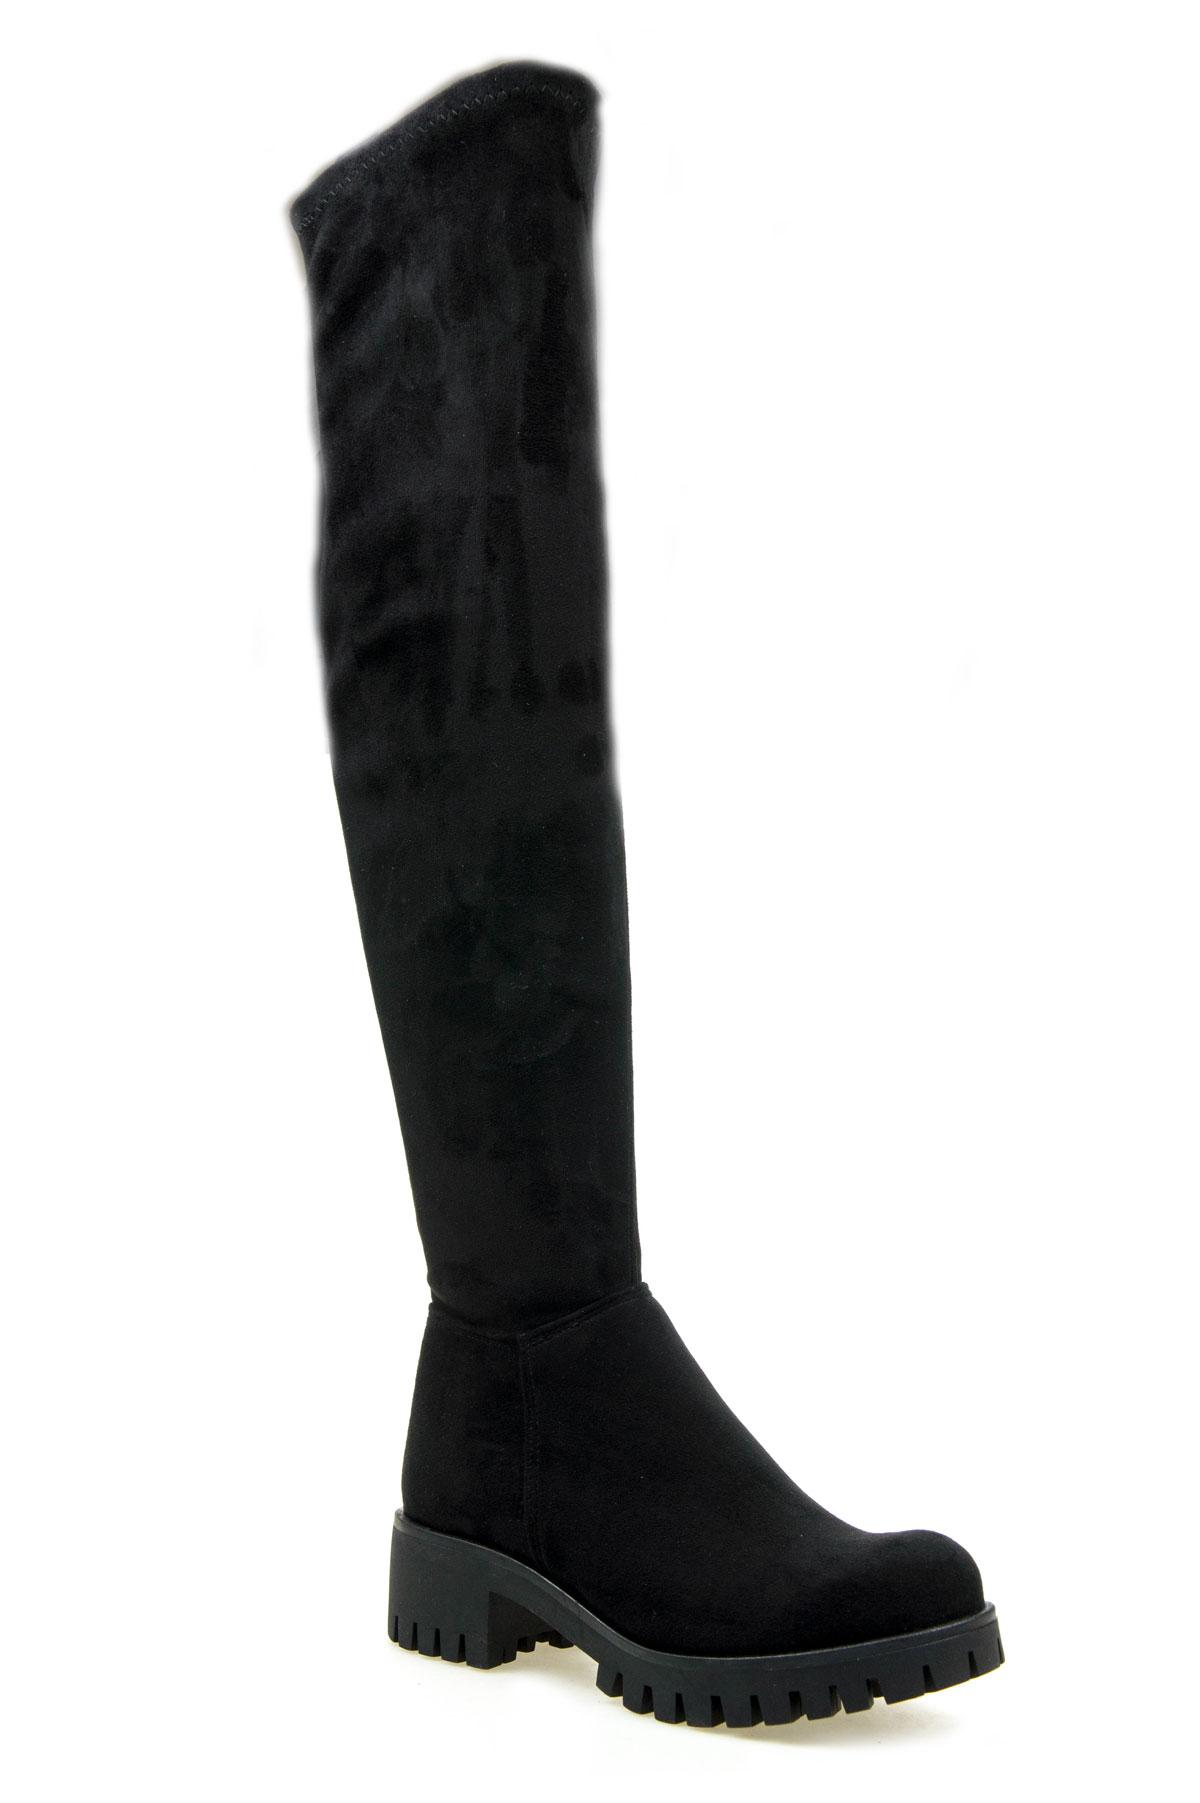 Kozaki J.WOLSKI 380 czarne